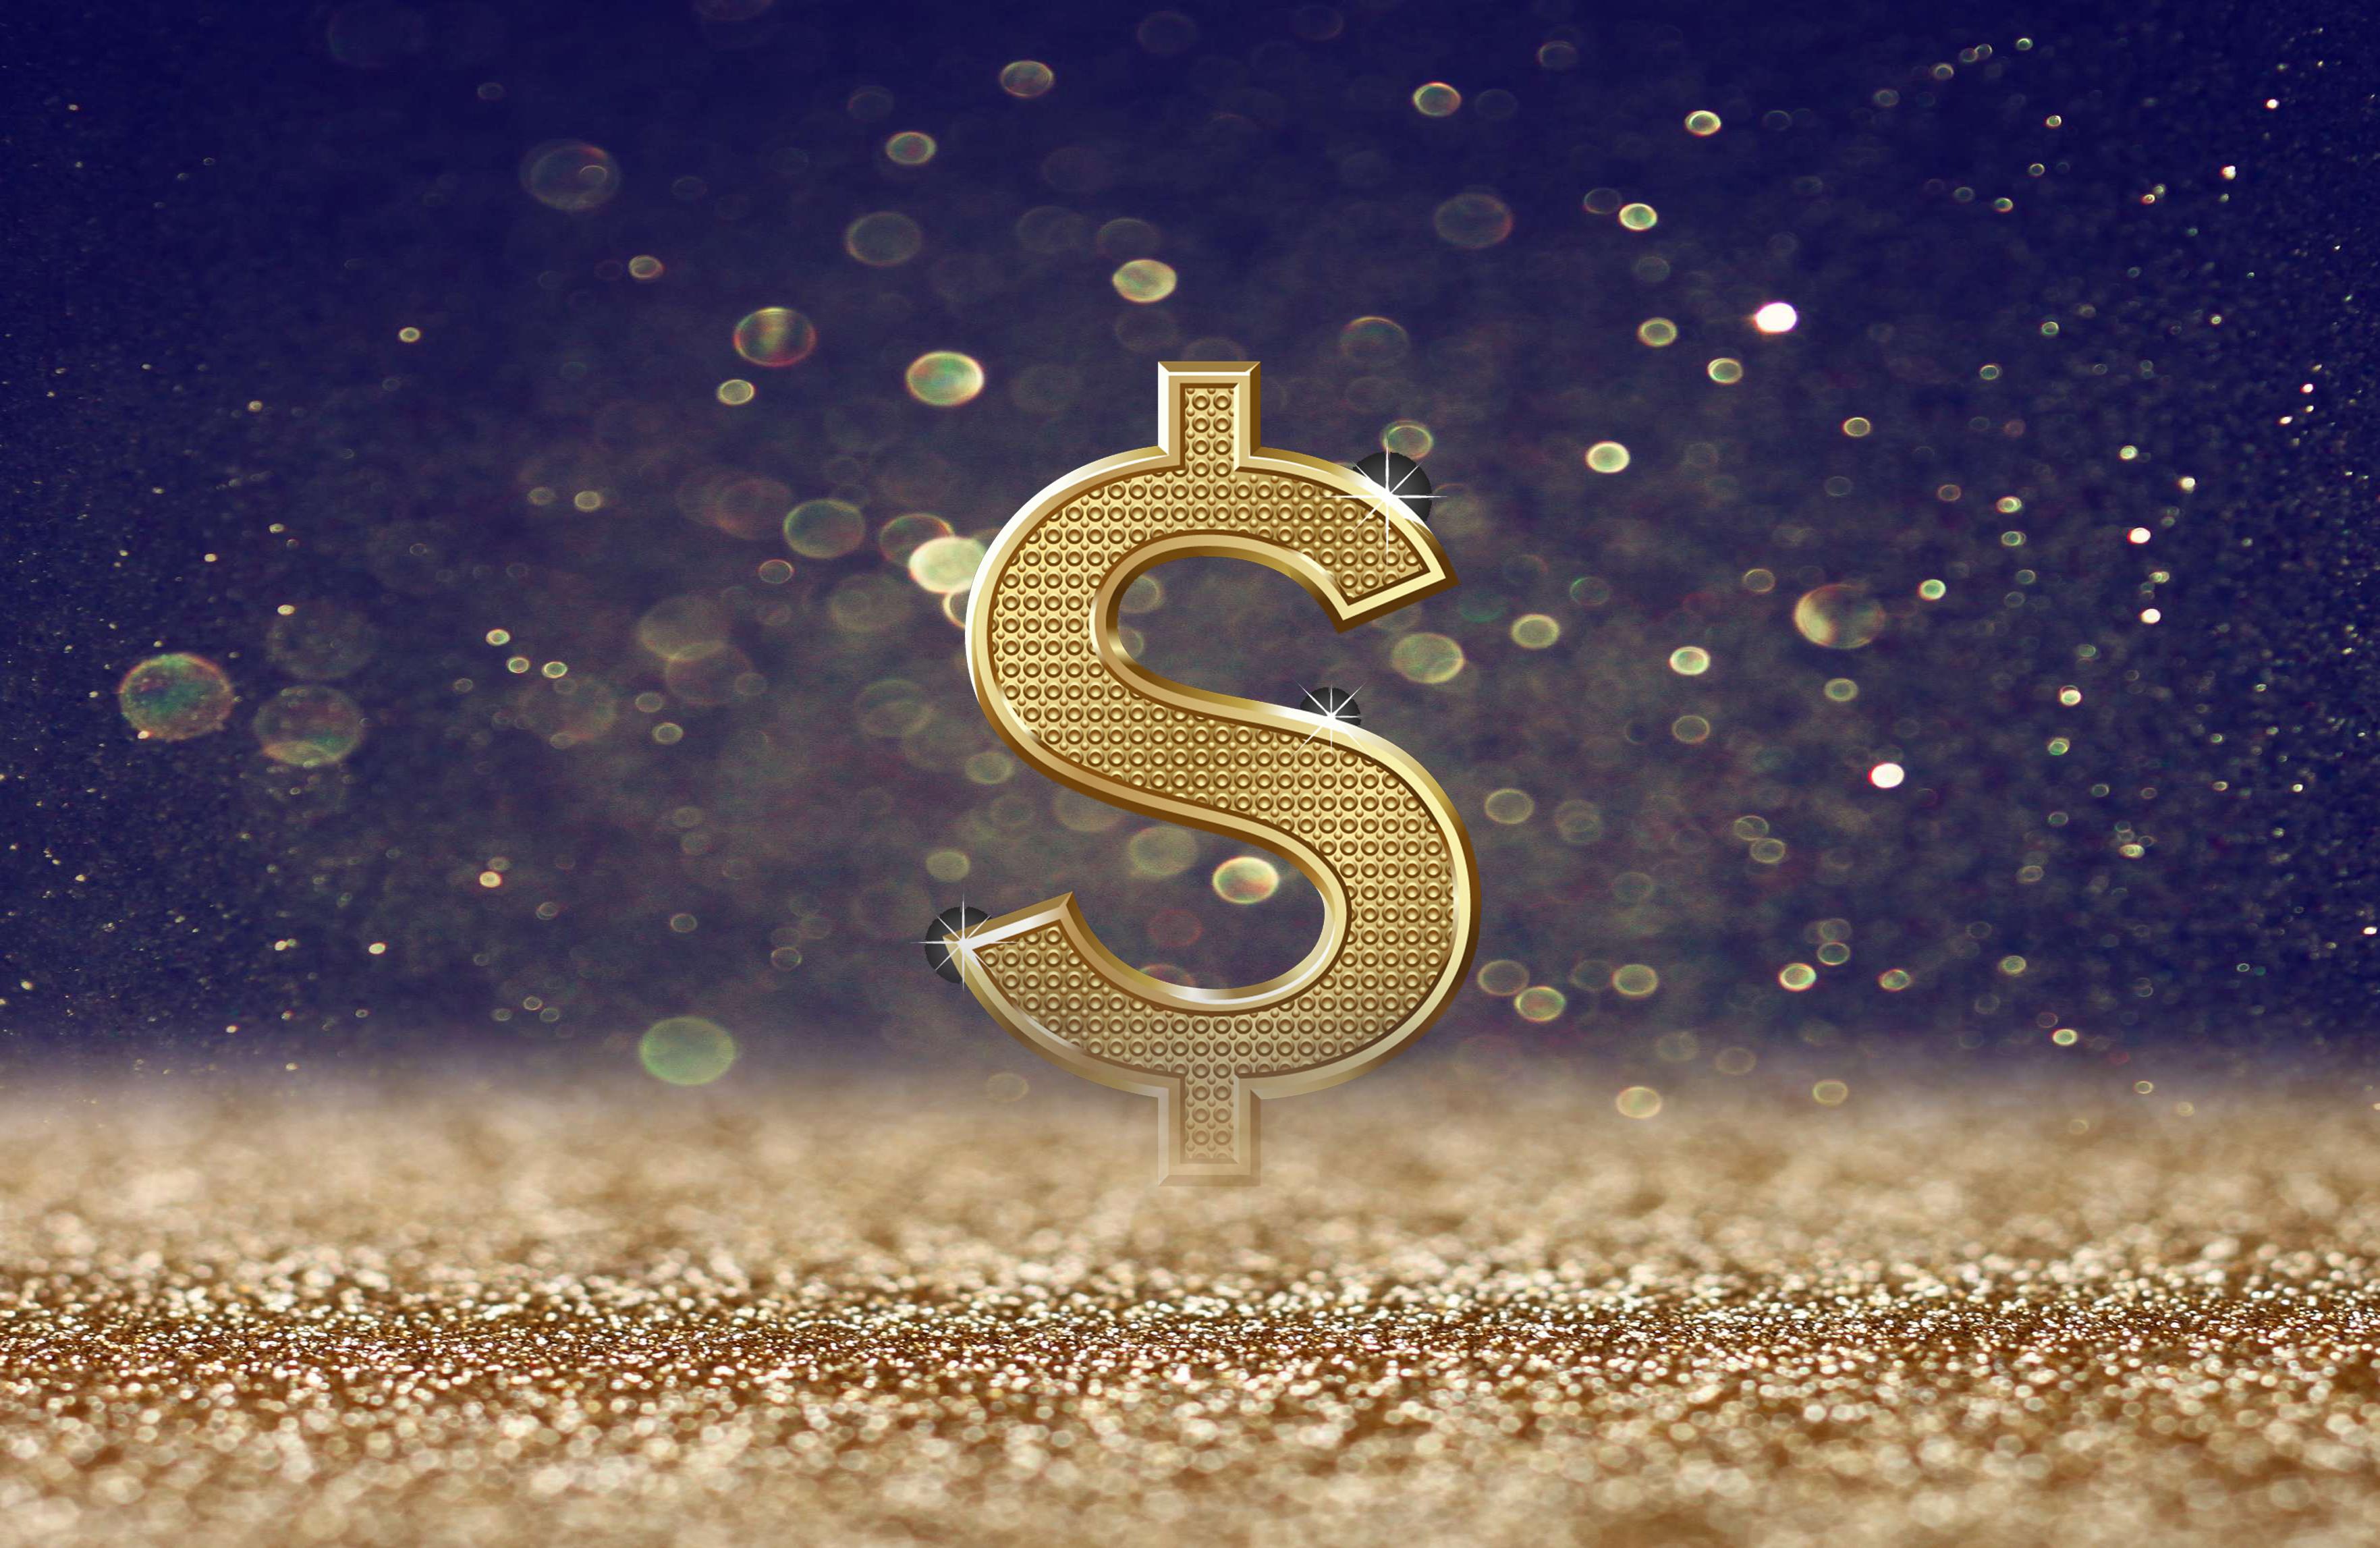 悟空理财以专业知识指导你增加财富